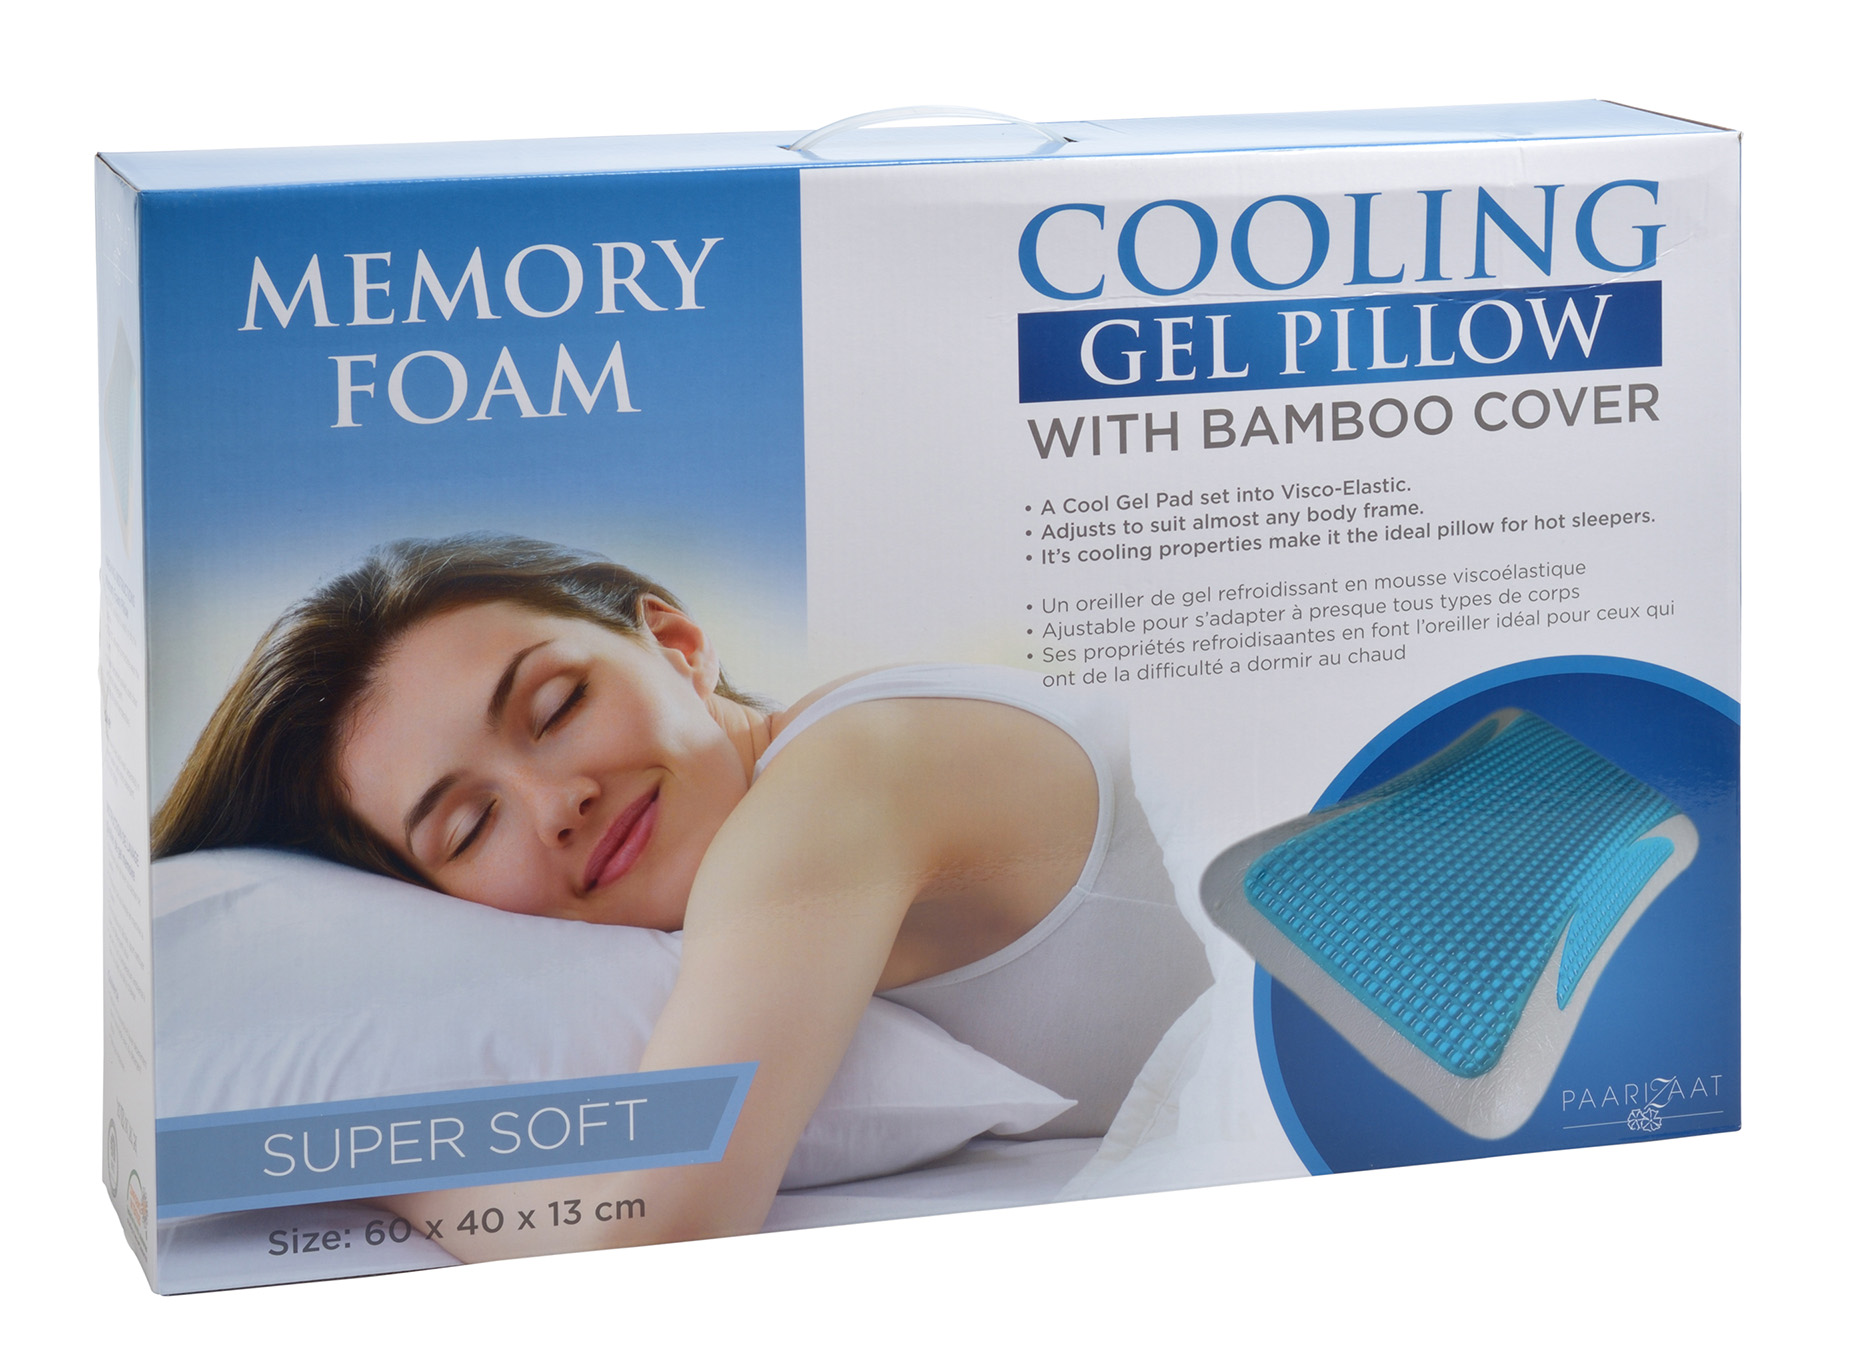 lux cooling gel pillow paarizaat